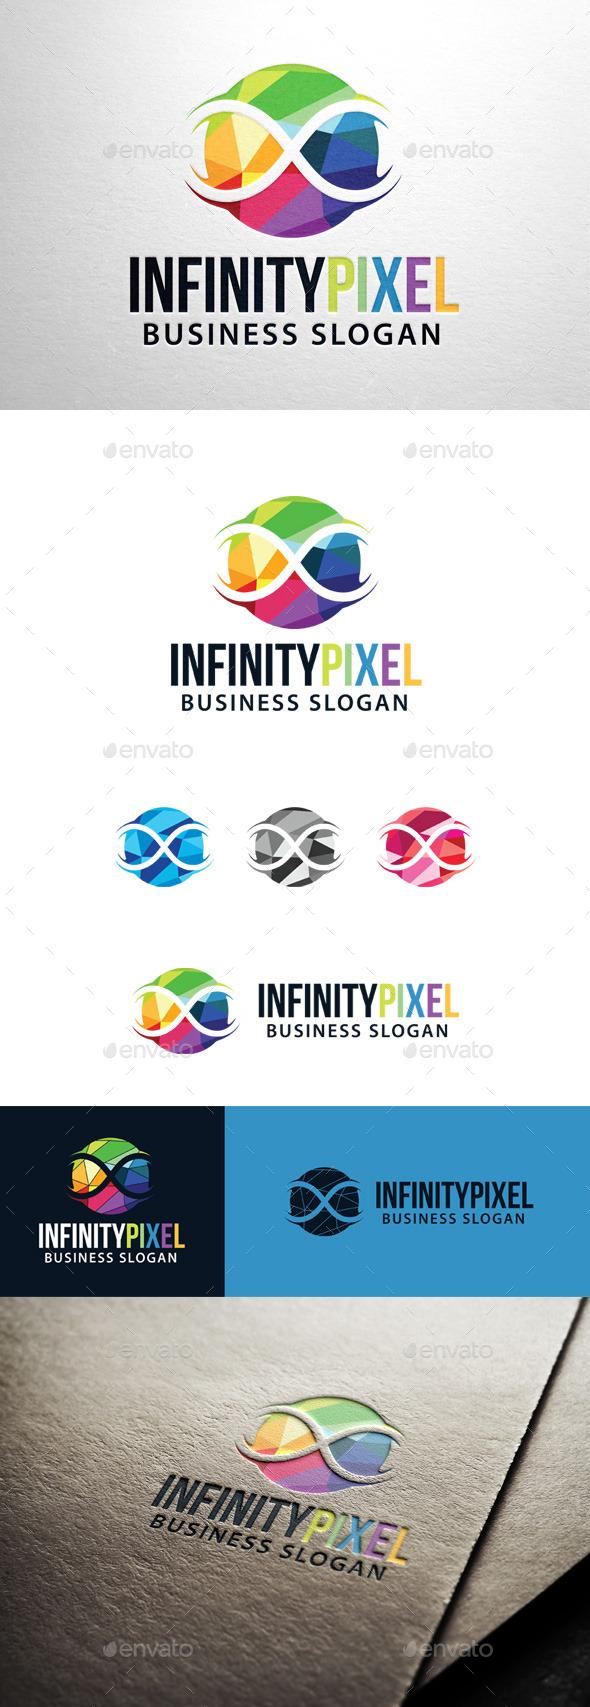 GraphicRiver Infinity Pixel Logo 11478993